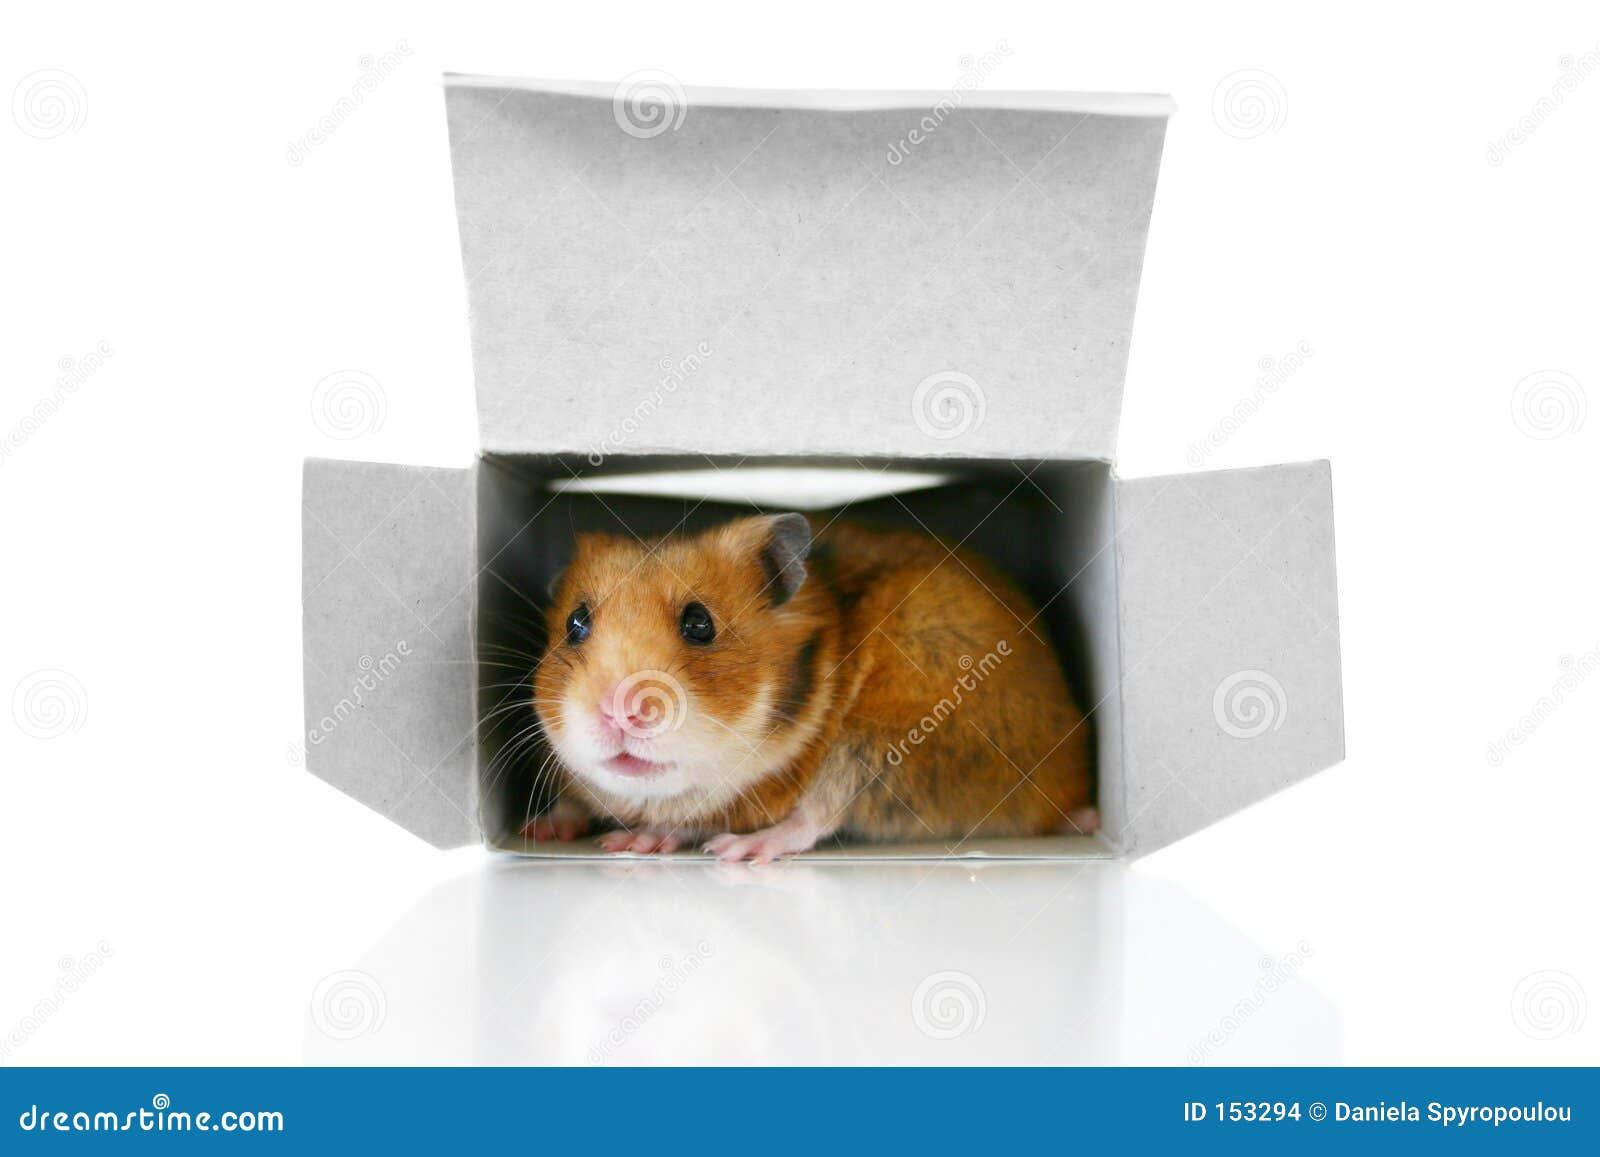 Im Kasten